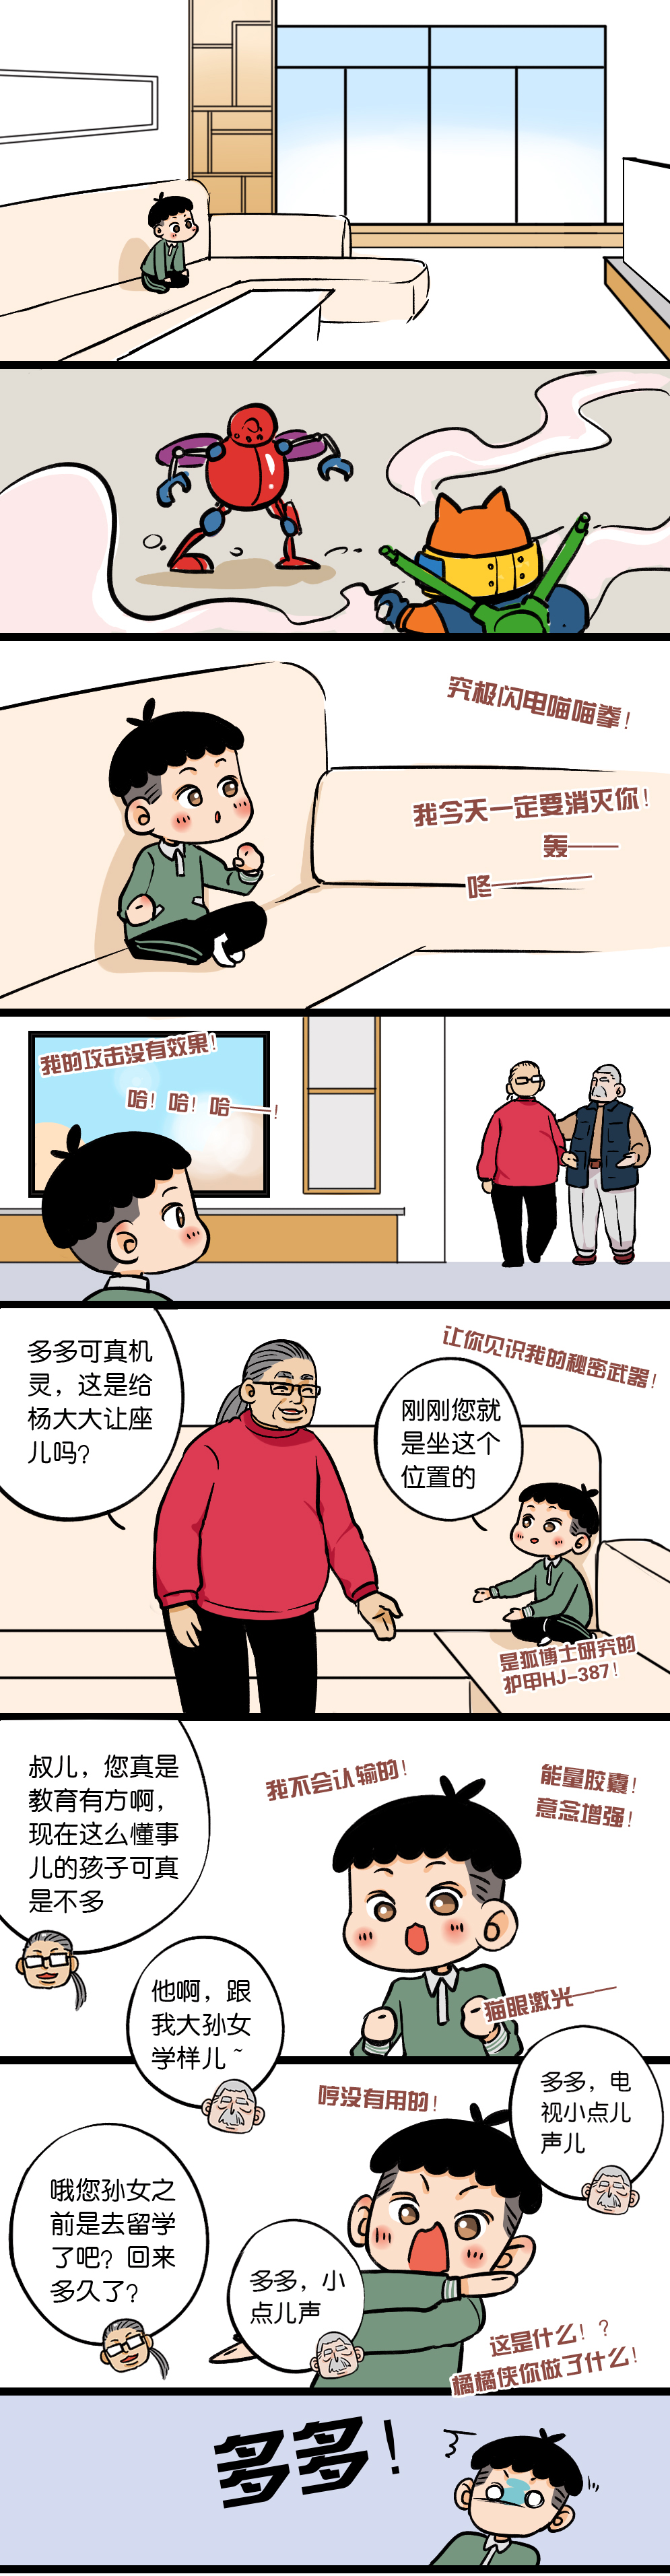 杨大大话家规第三期漫画定稿1.jpg